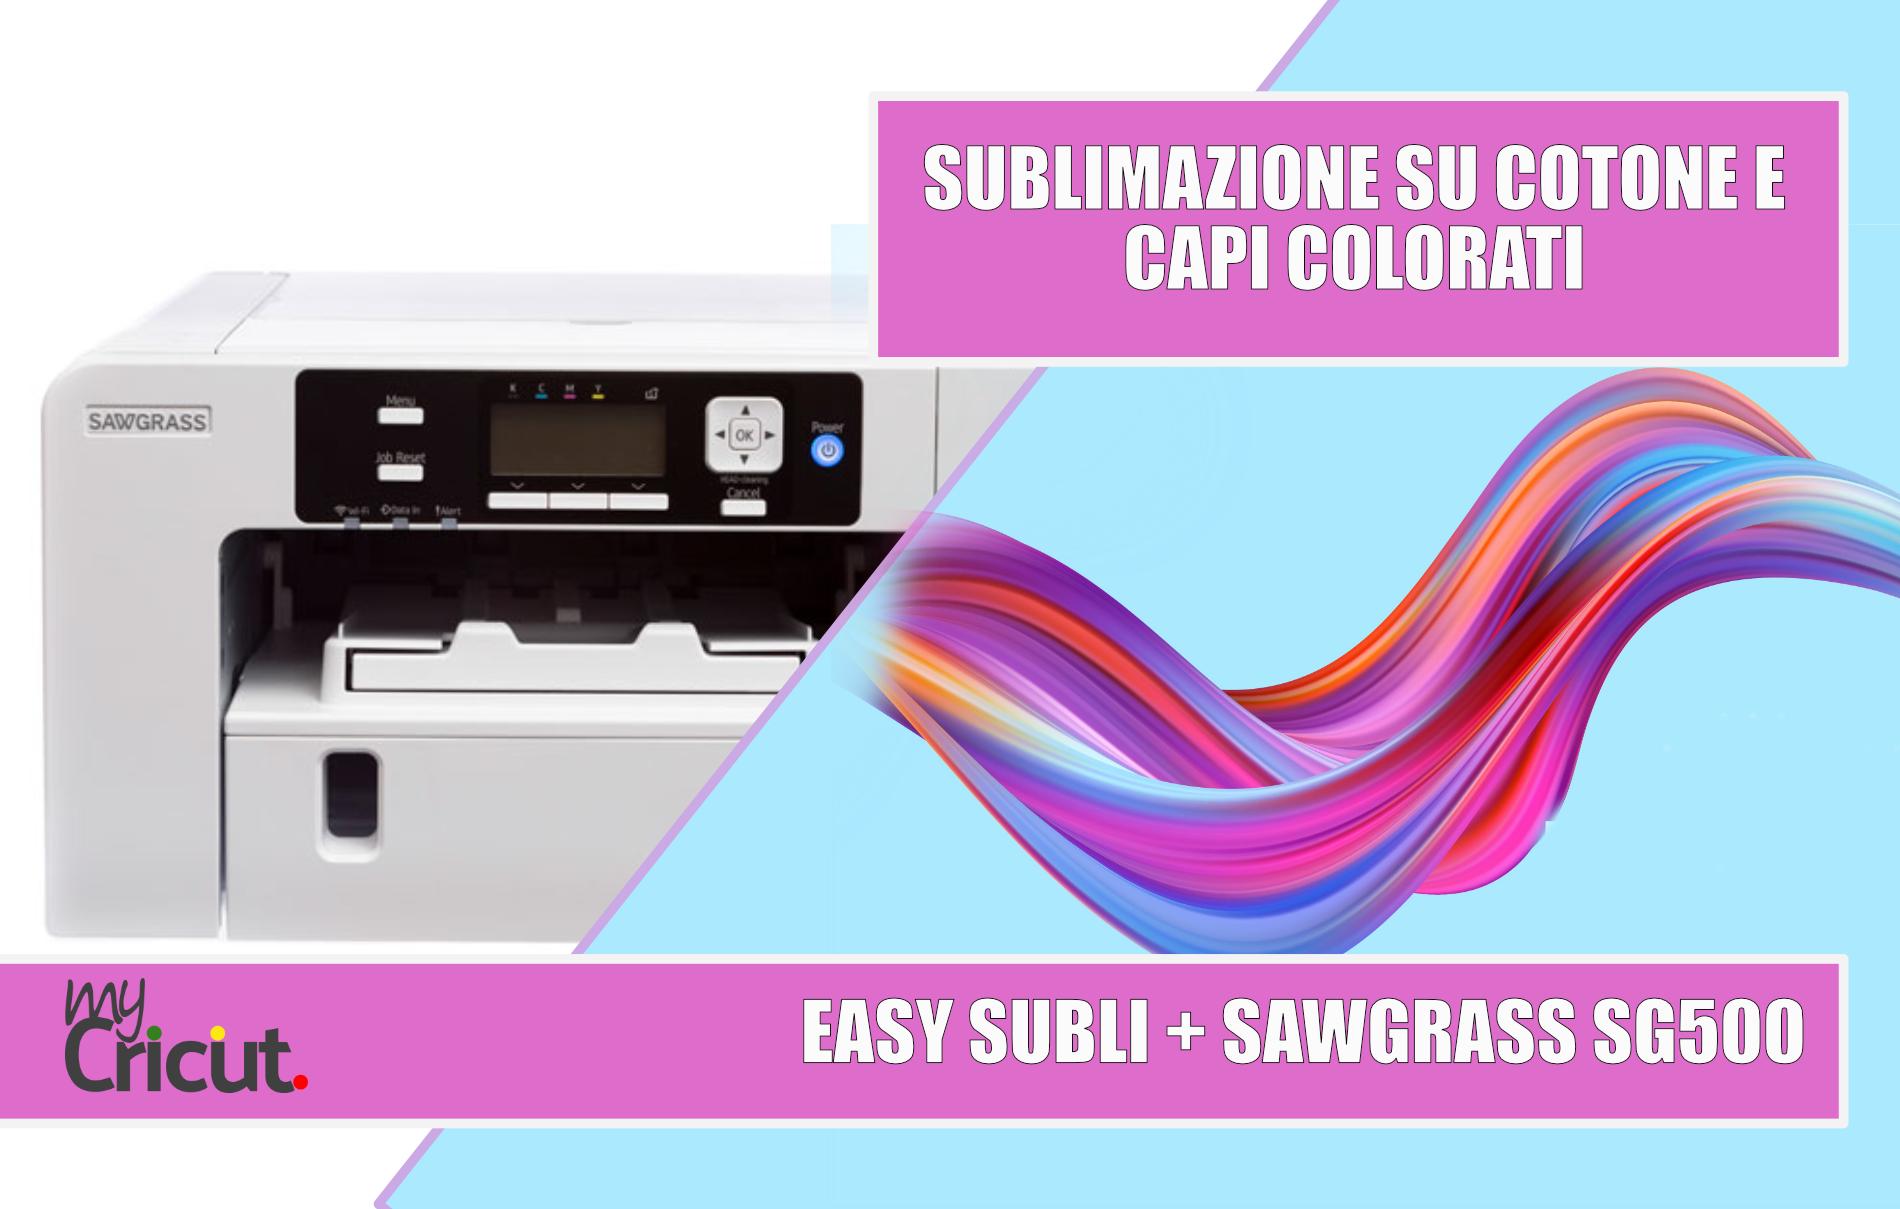 Siser Easy Subli